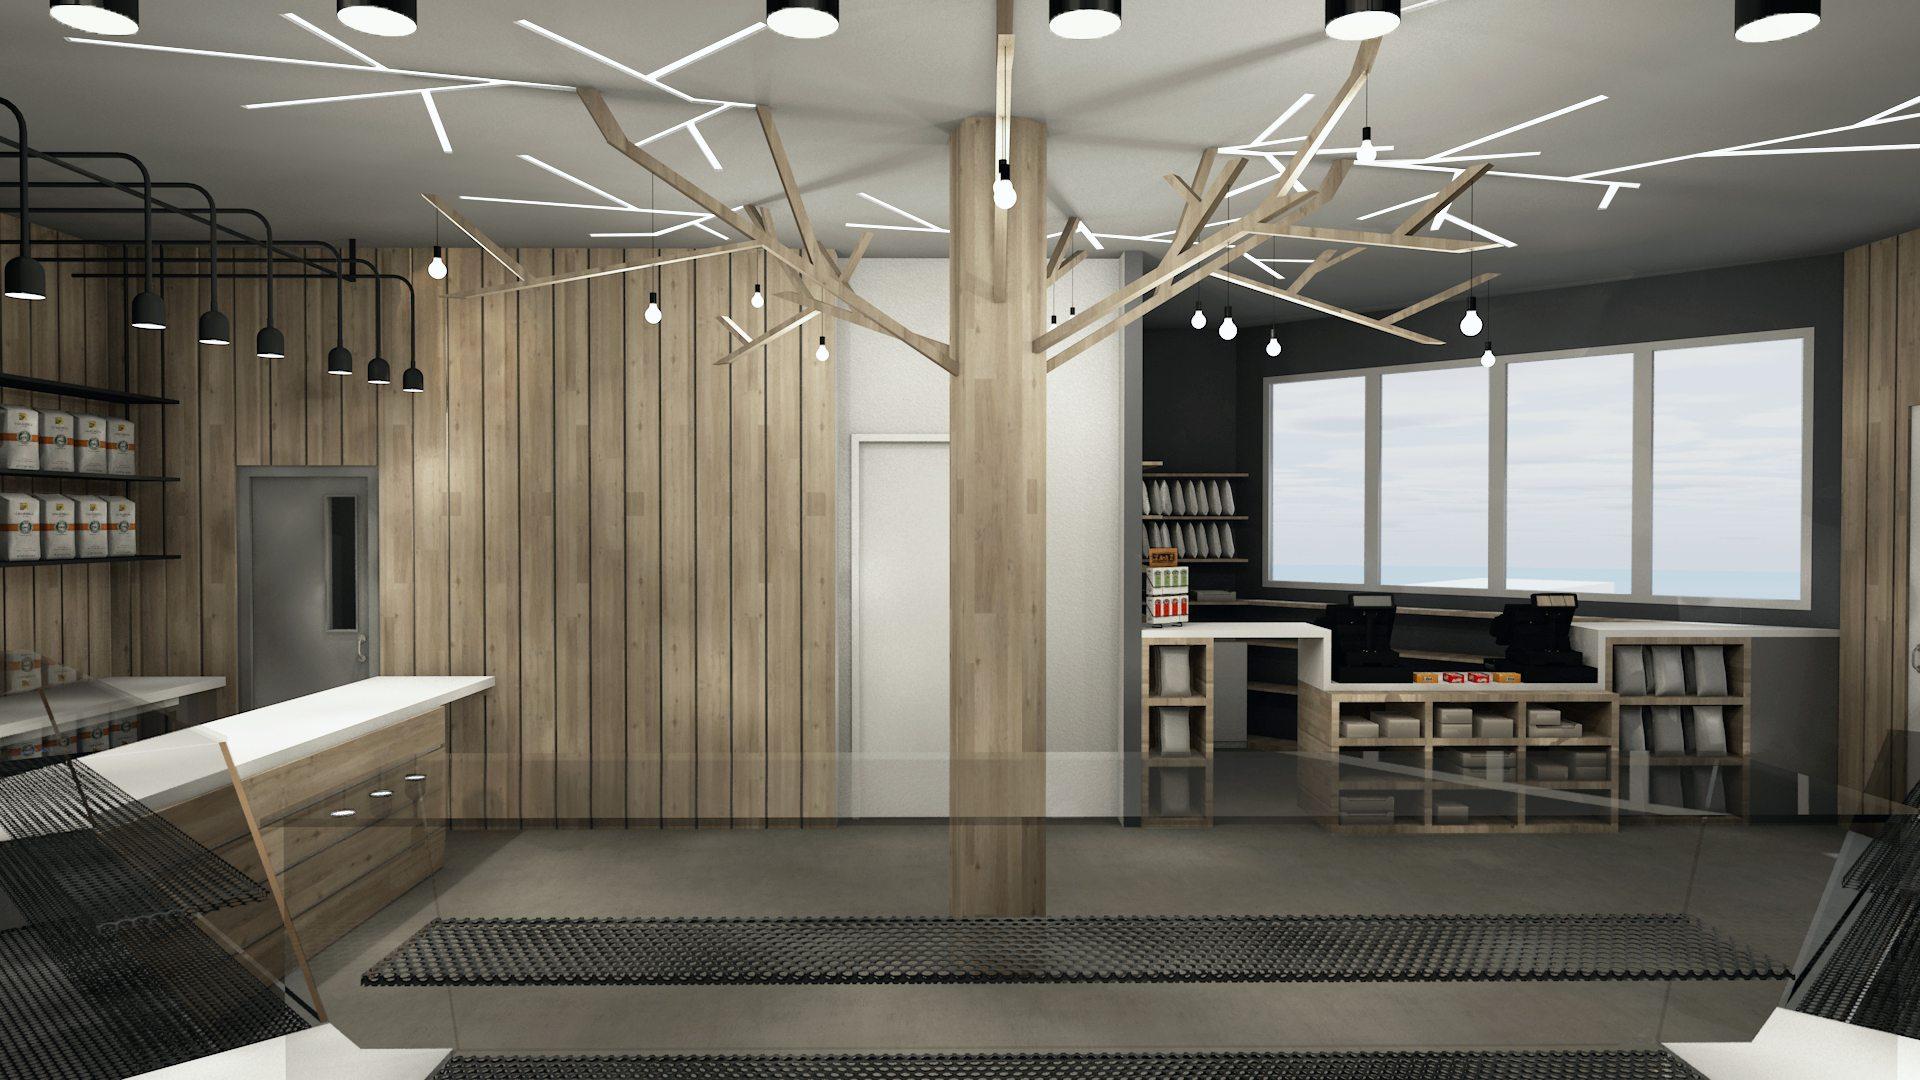 archicostudio_hospital-cafe_shop-2